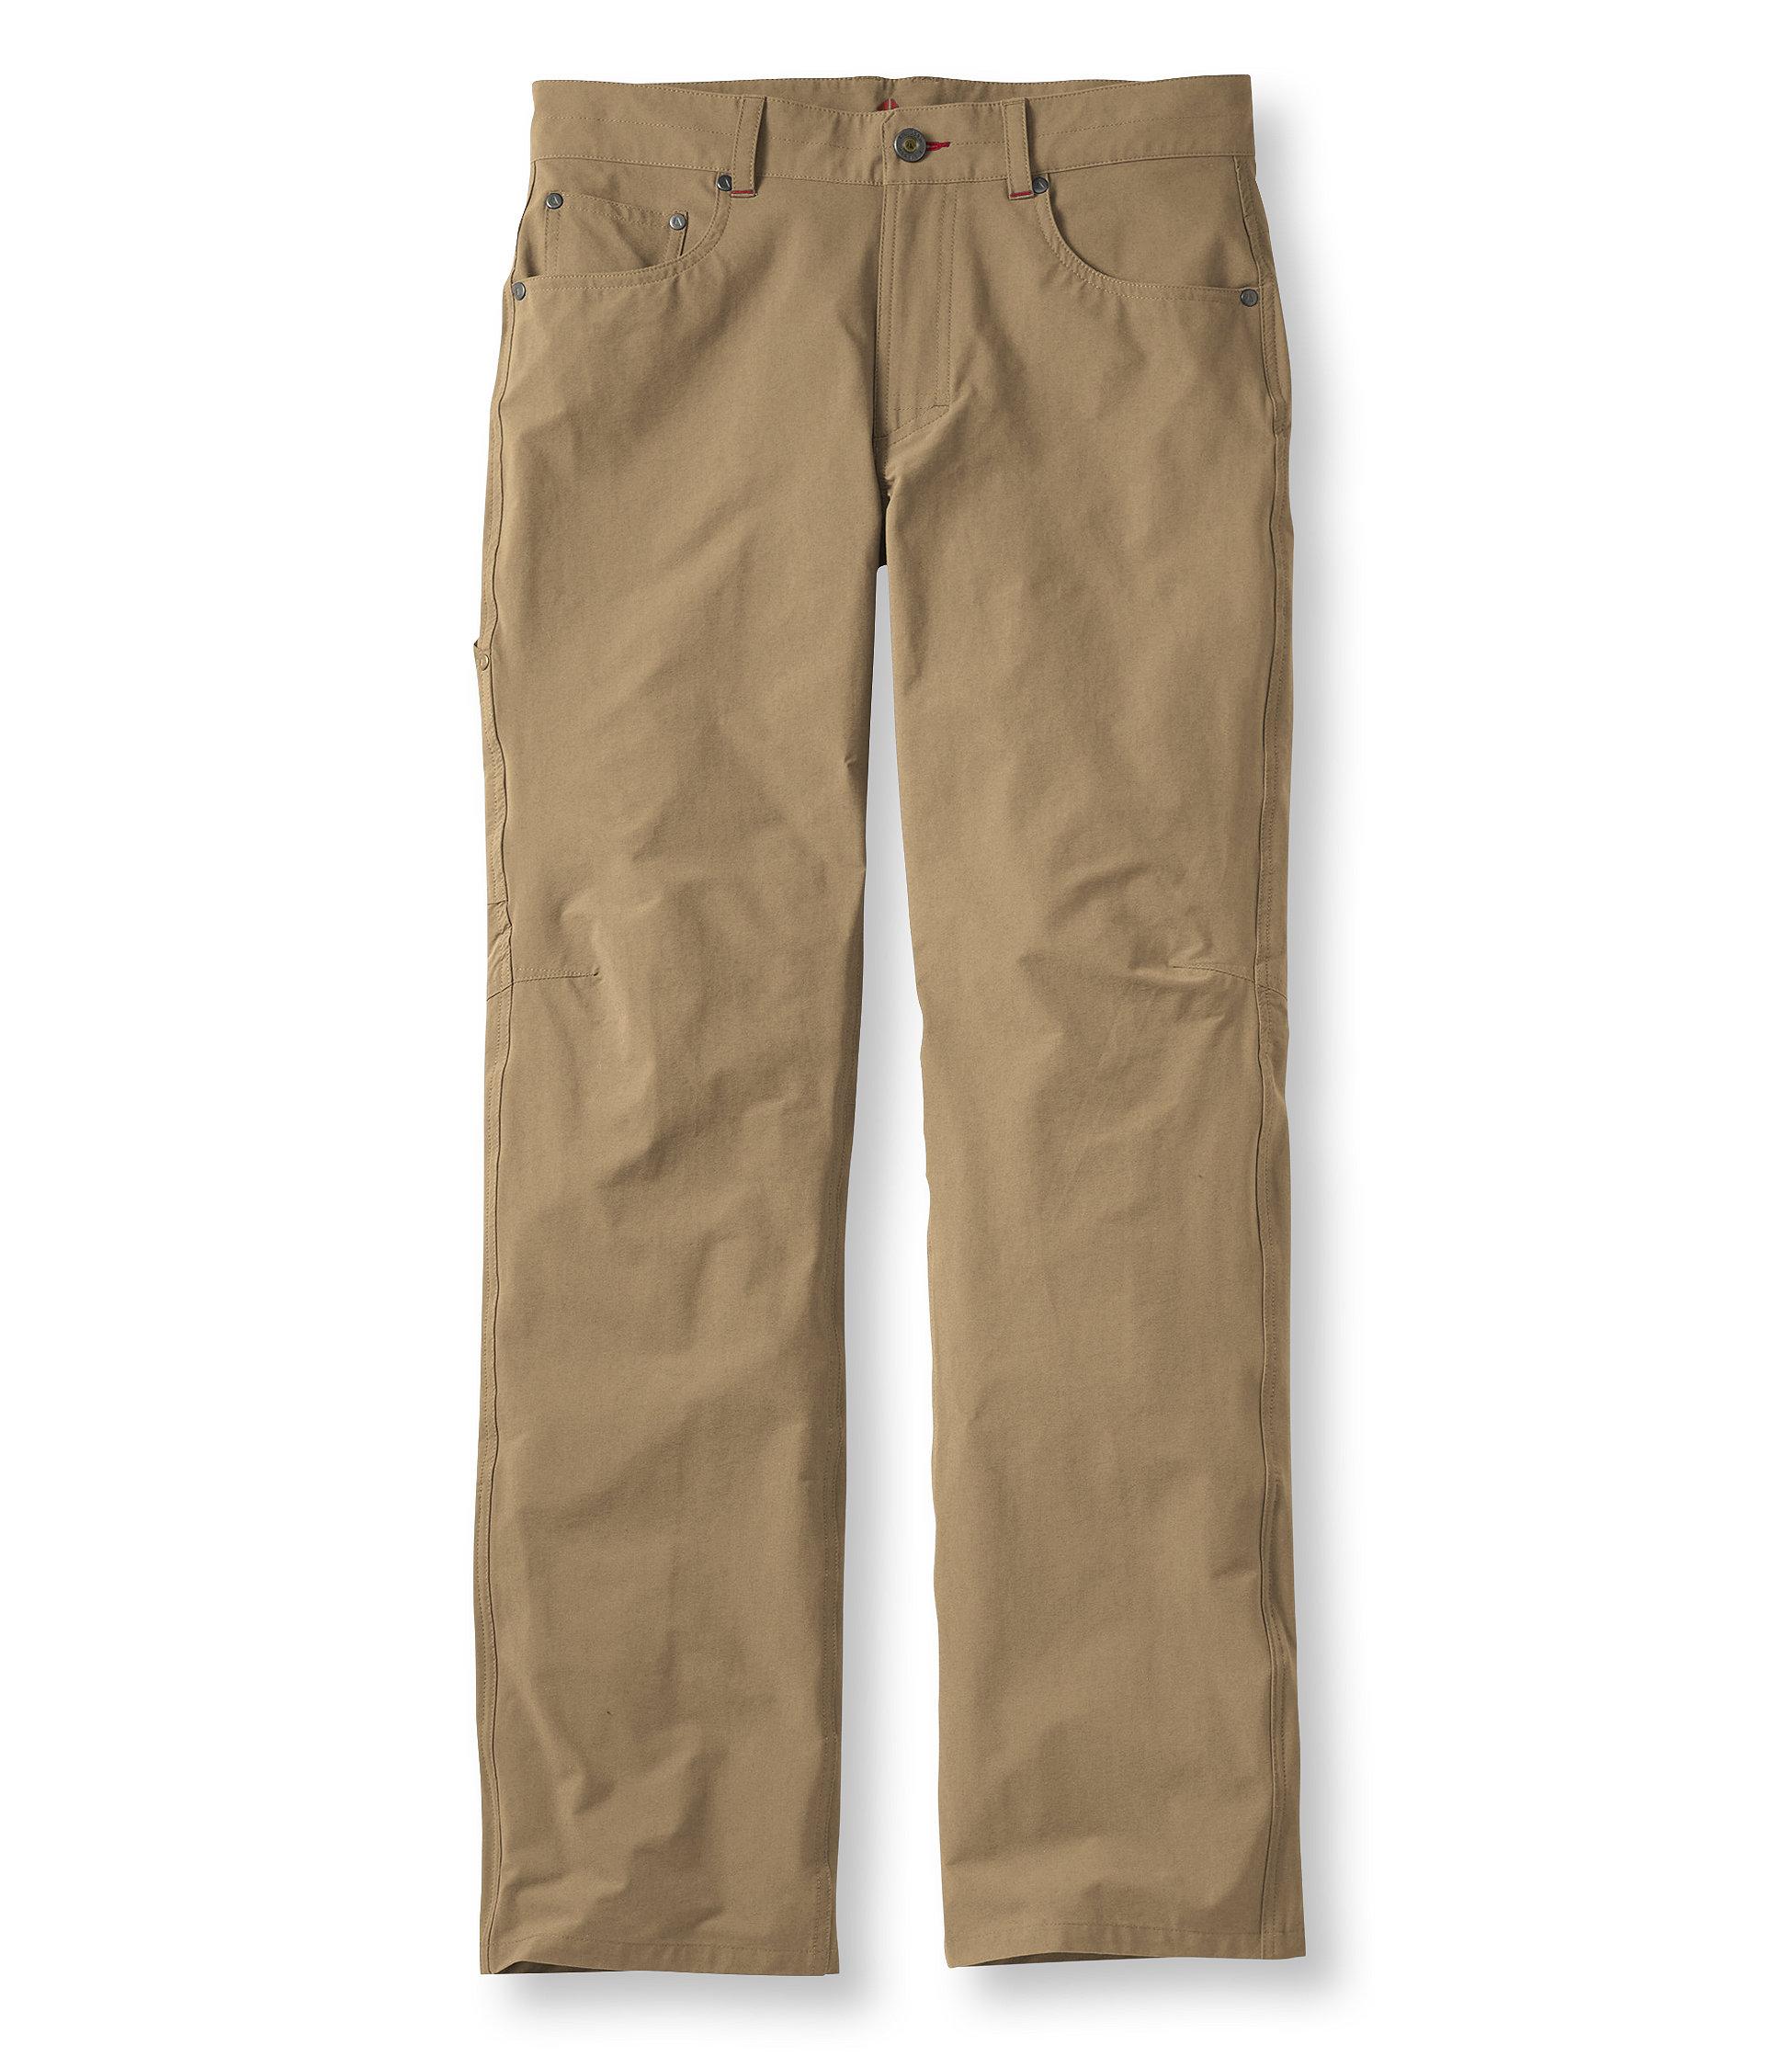 L.L.Bean Cresta 5-Pocket Pants